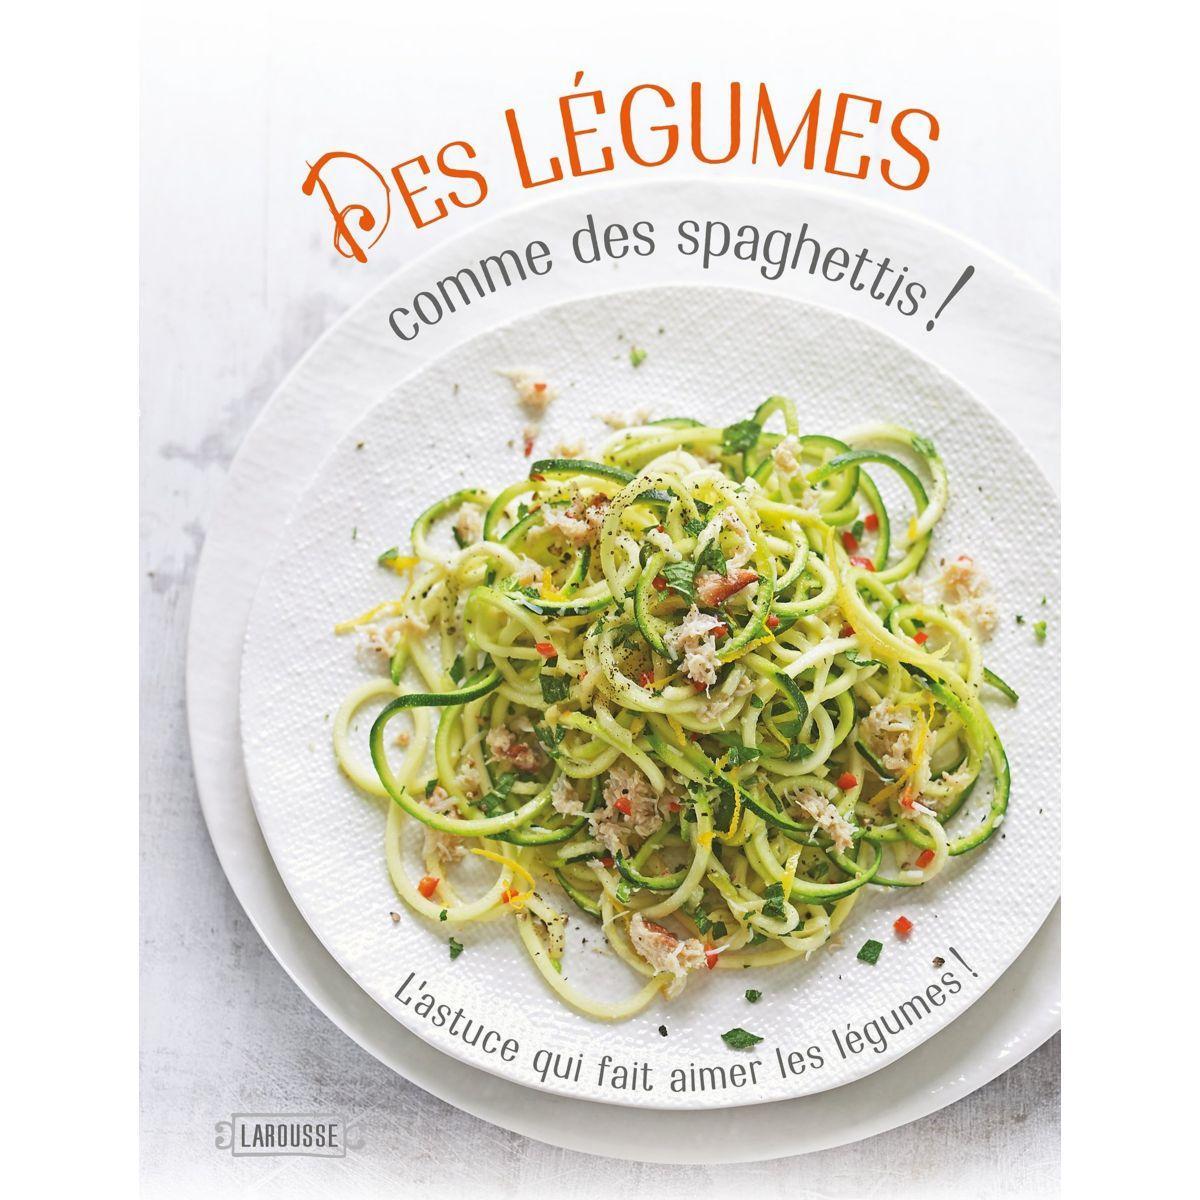 Livre larousse des légumes comme des spa - la sélection webdistrib.com (photo)